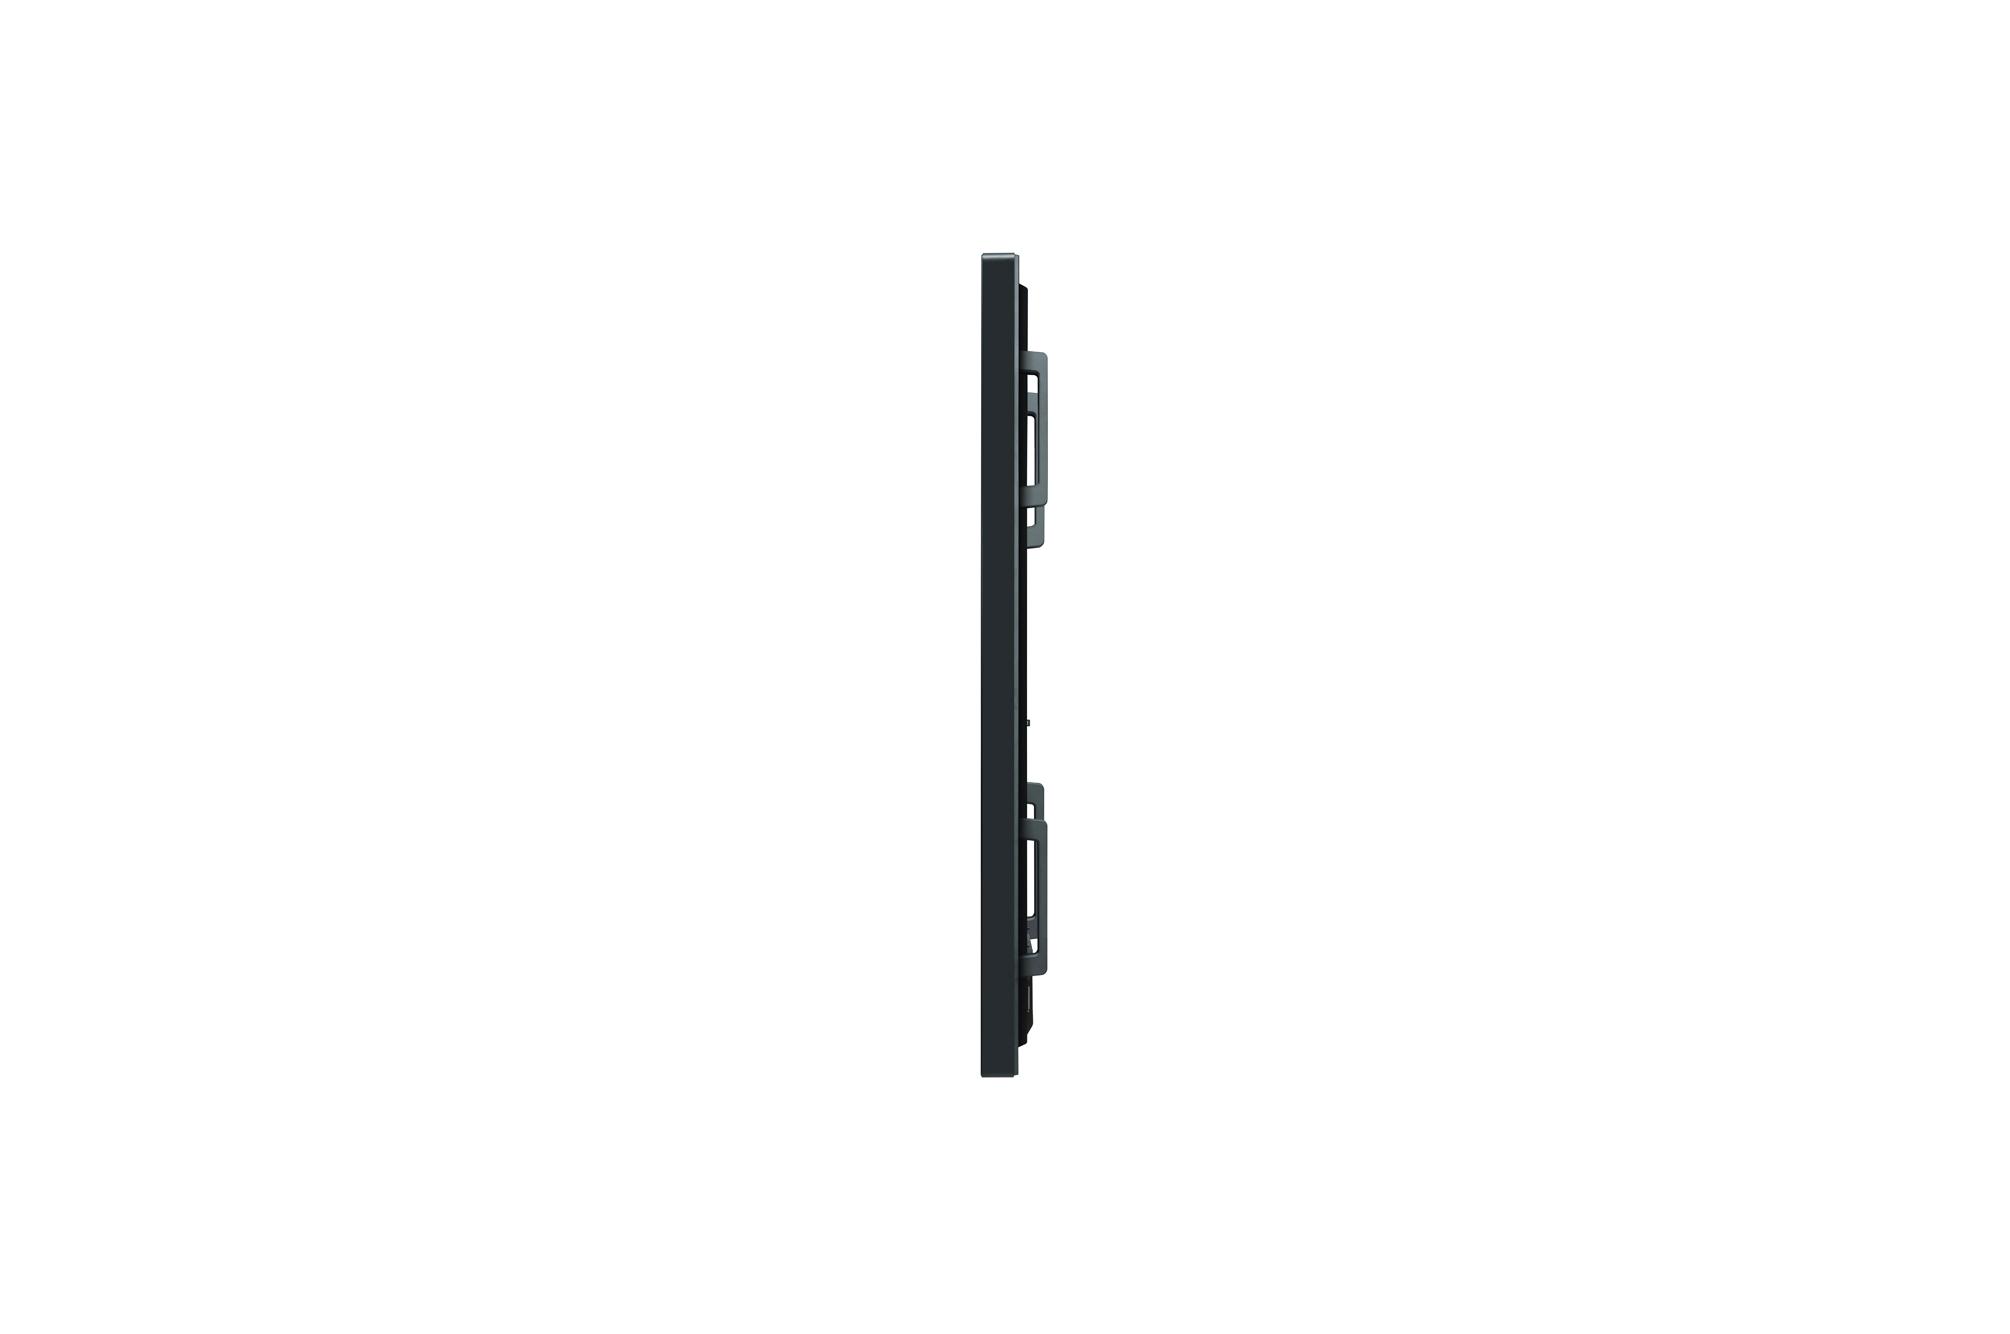 LG Standard Premium 98UH5F-B 4